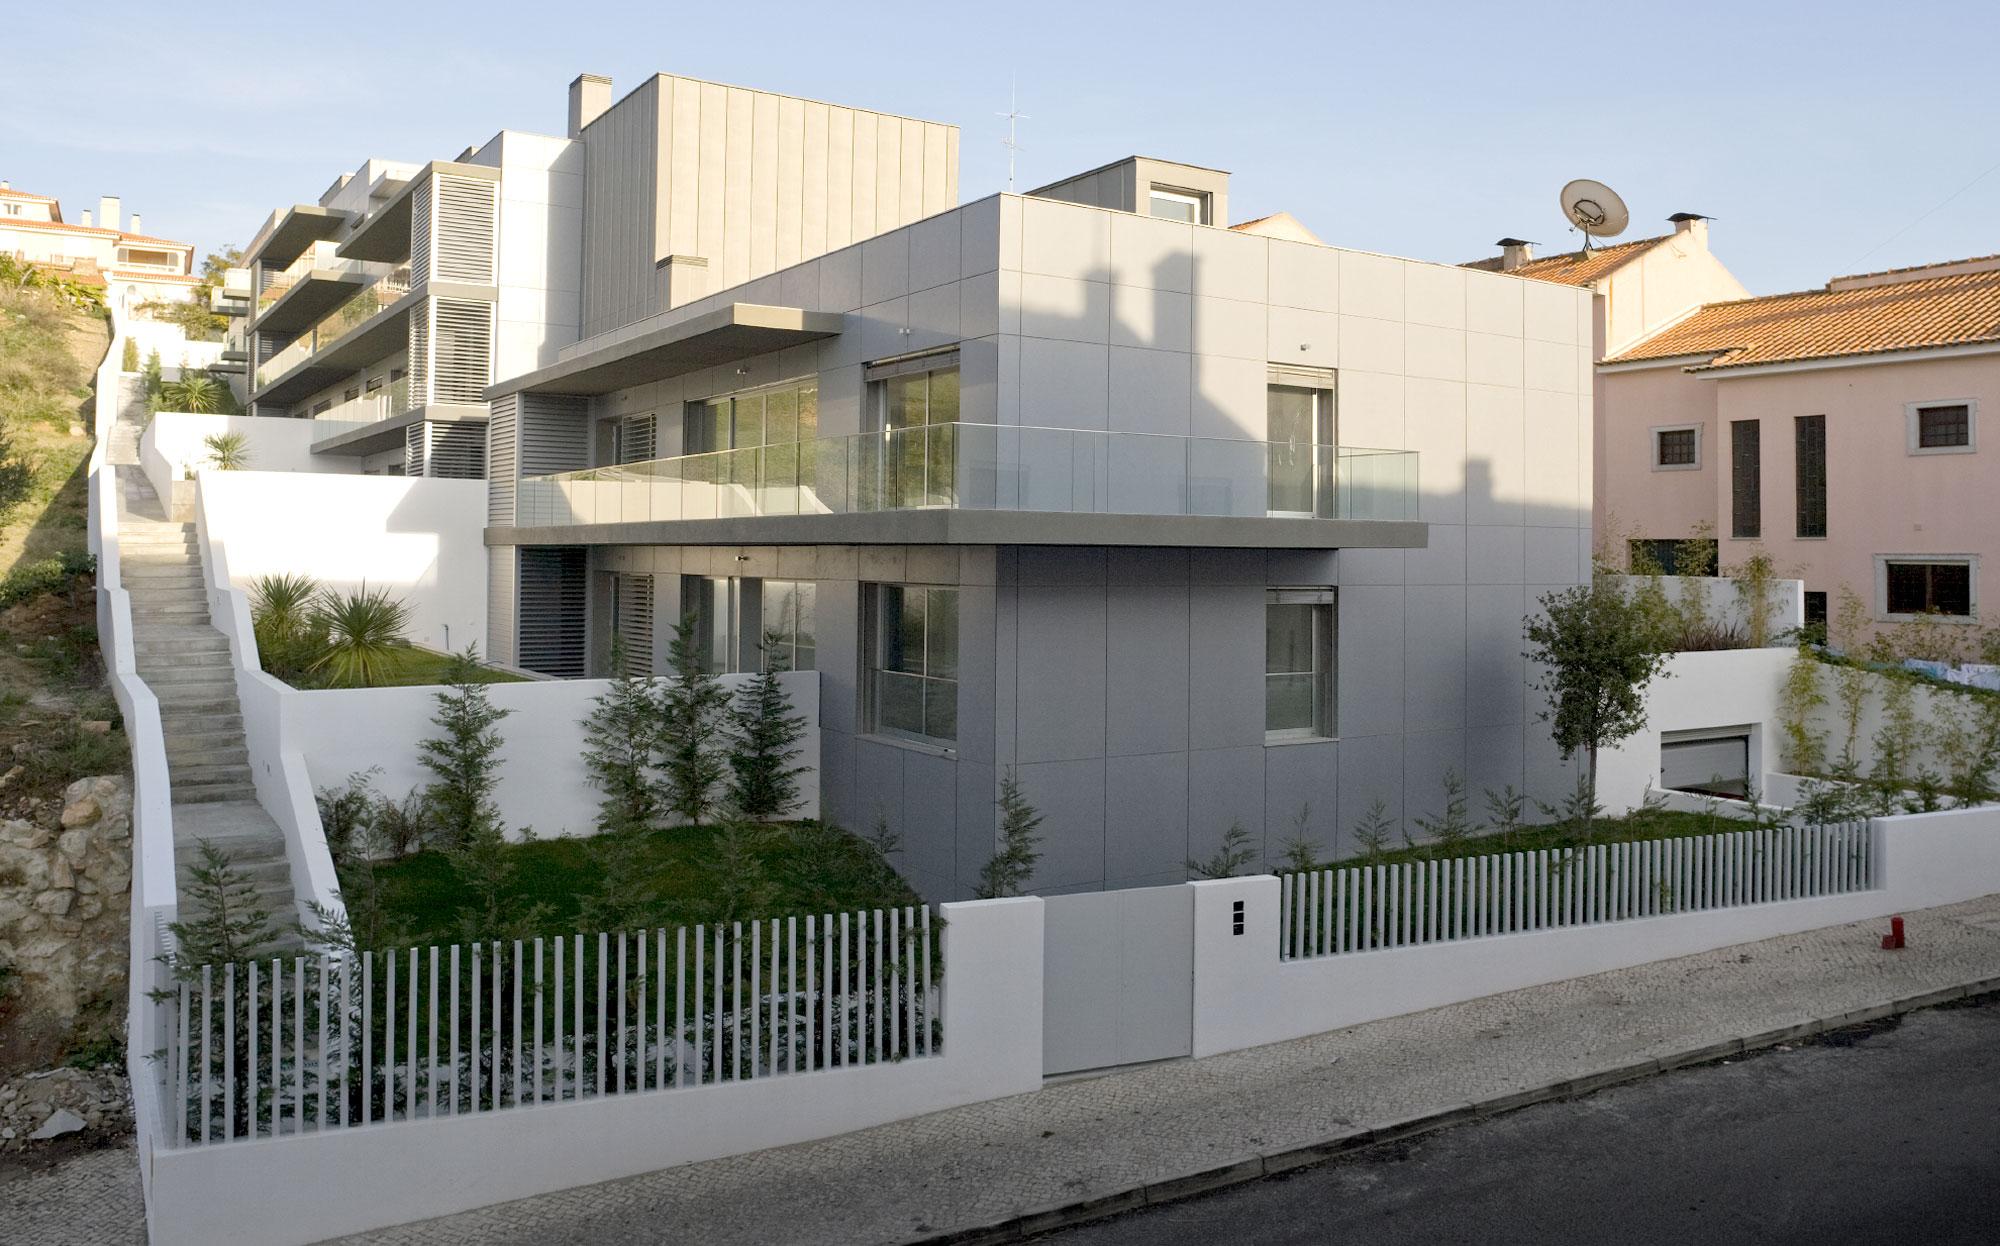 Condomínio Arquitectura Cascais Arquitectura, Arquitecto Lisboa, Projecto arquitectura Lisboa, Arquitecto Lisboa, Arquitecto, Gabinete de Arquitetura Lisboa